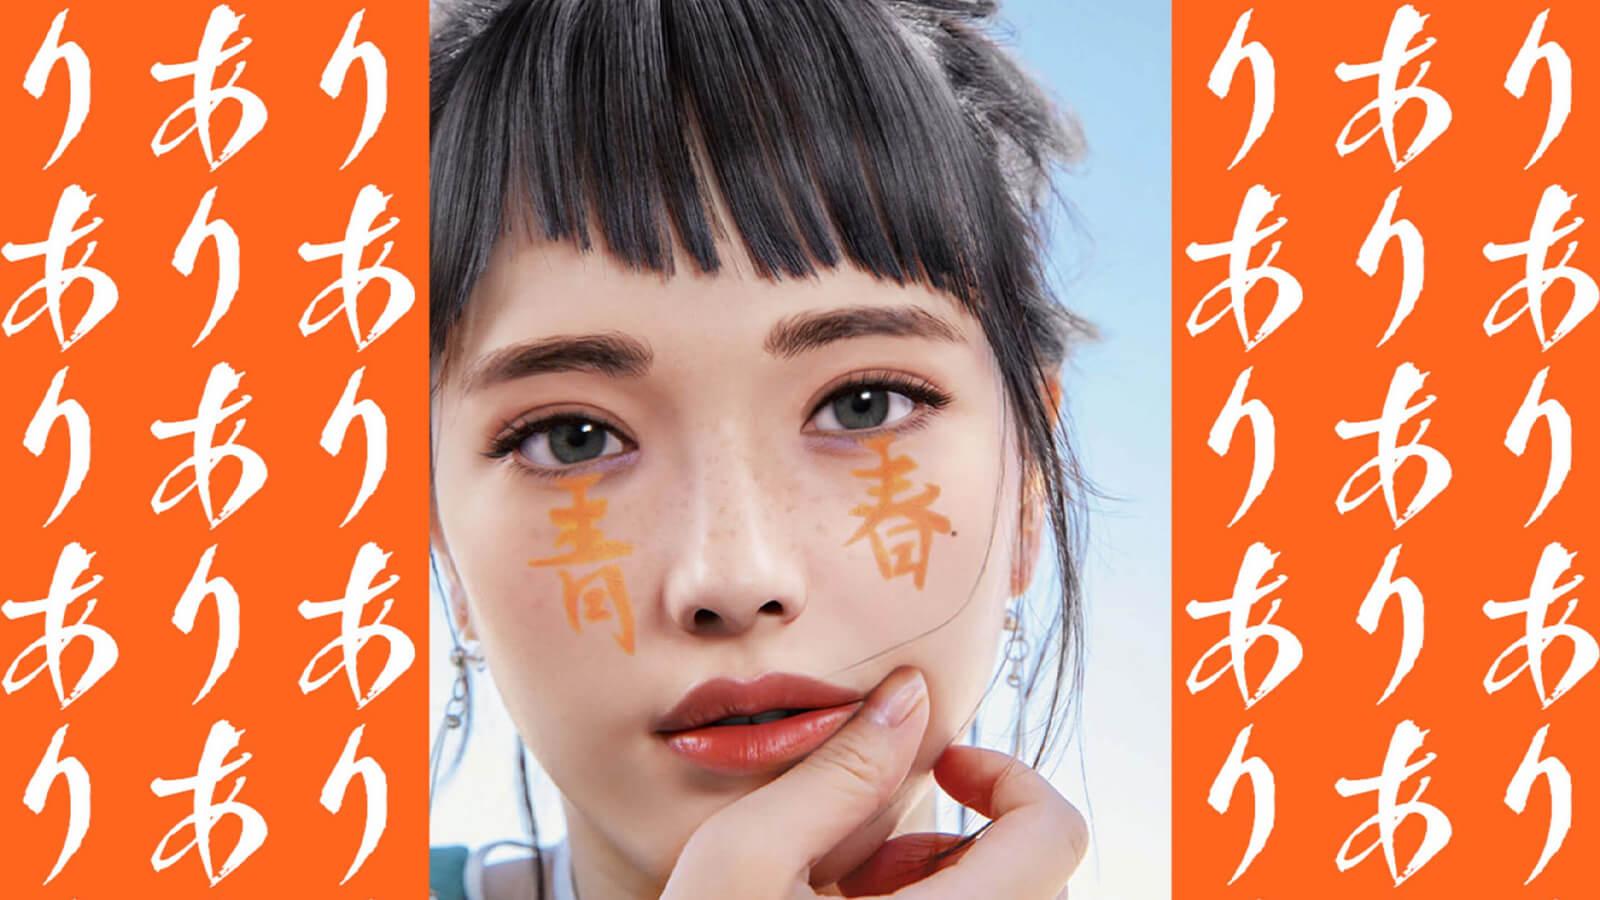 Virtual Influencer Ria made by Aww Tokyo